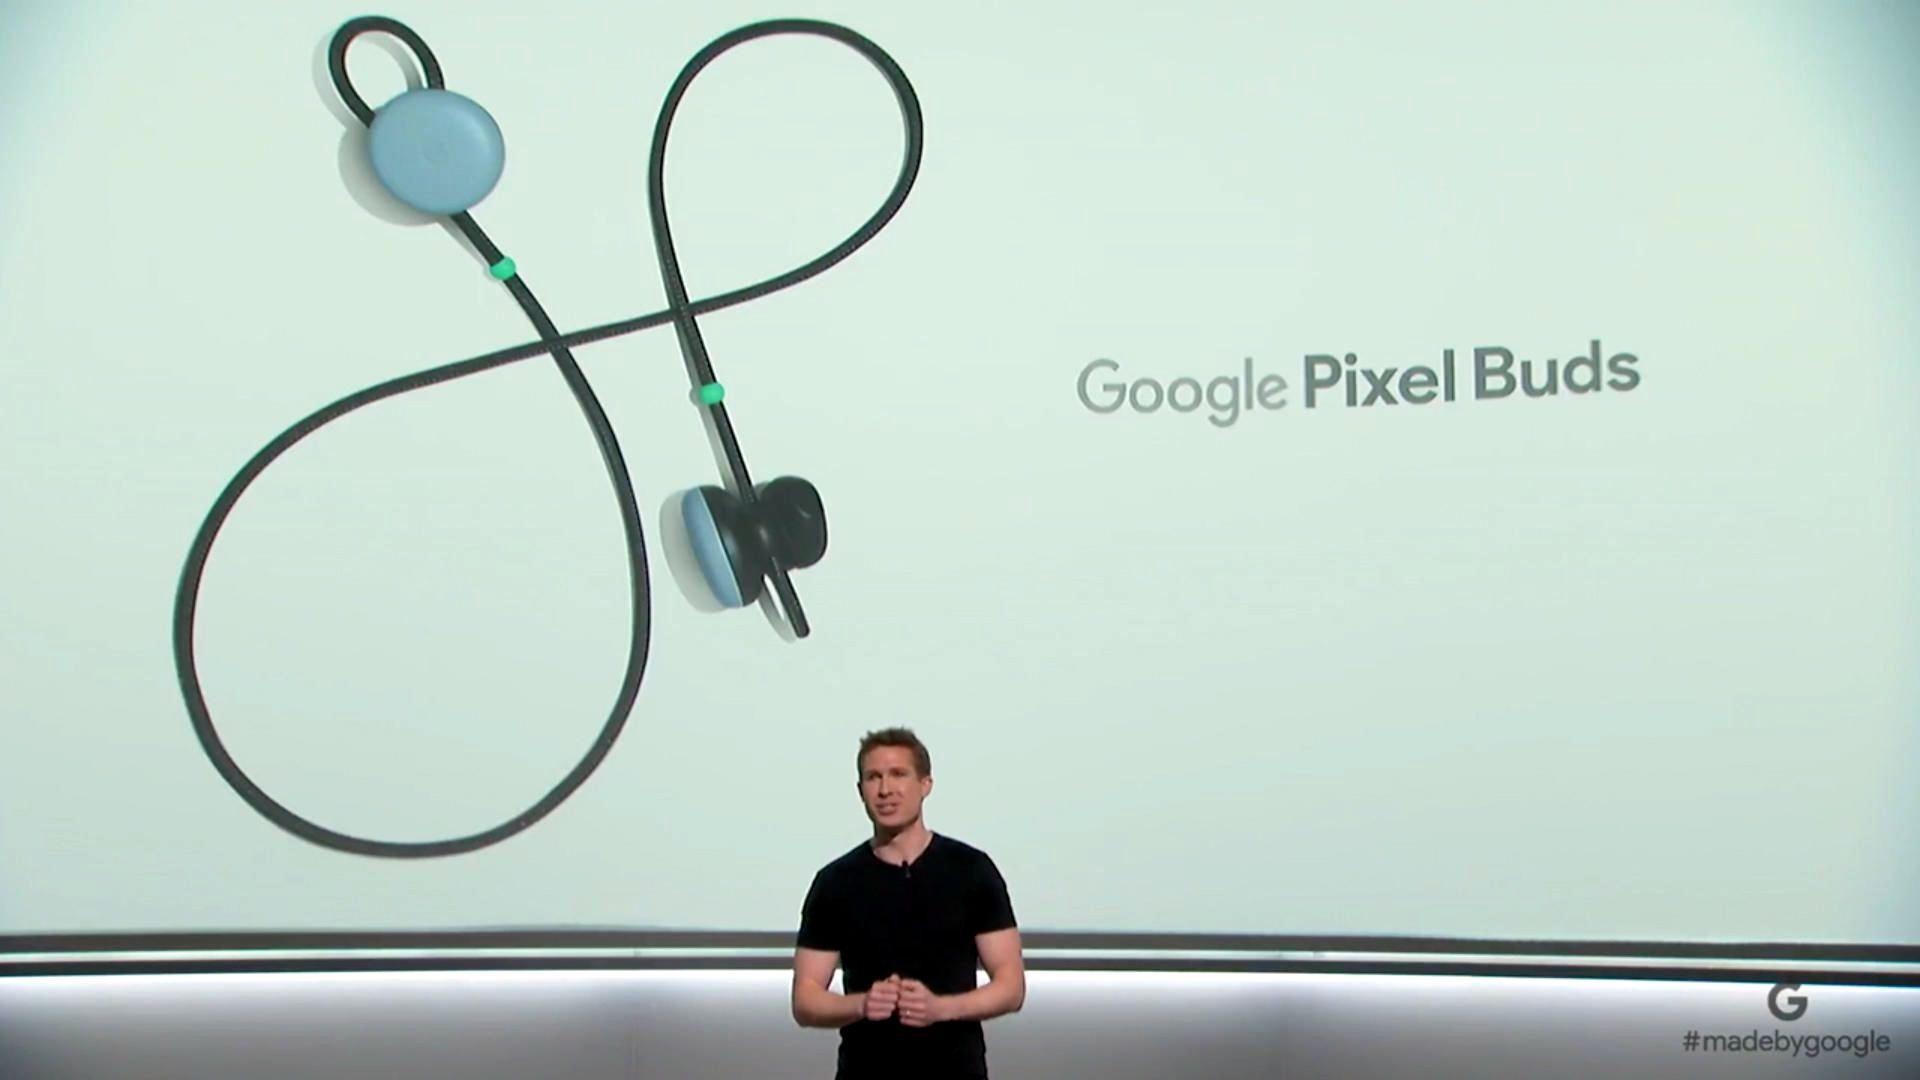 Překlad v reálném čase je dostupný na sluchátkách s Google Assistant